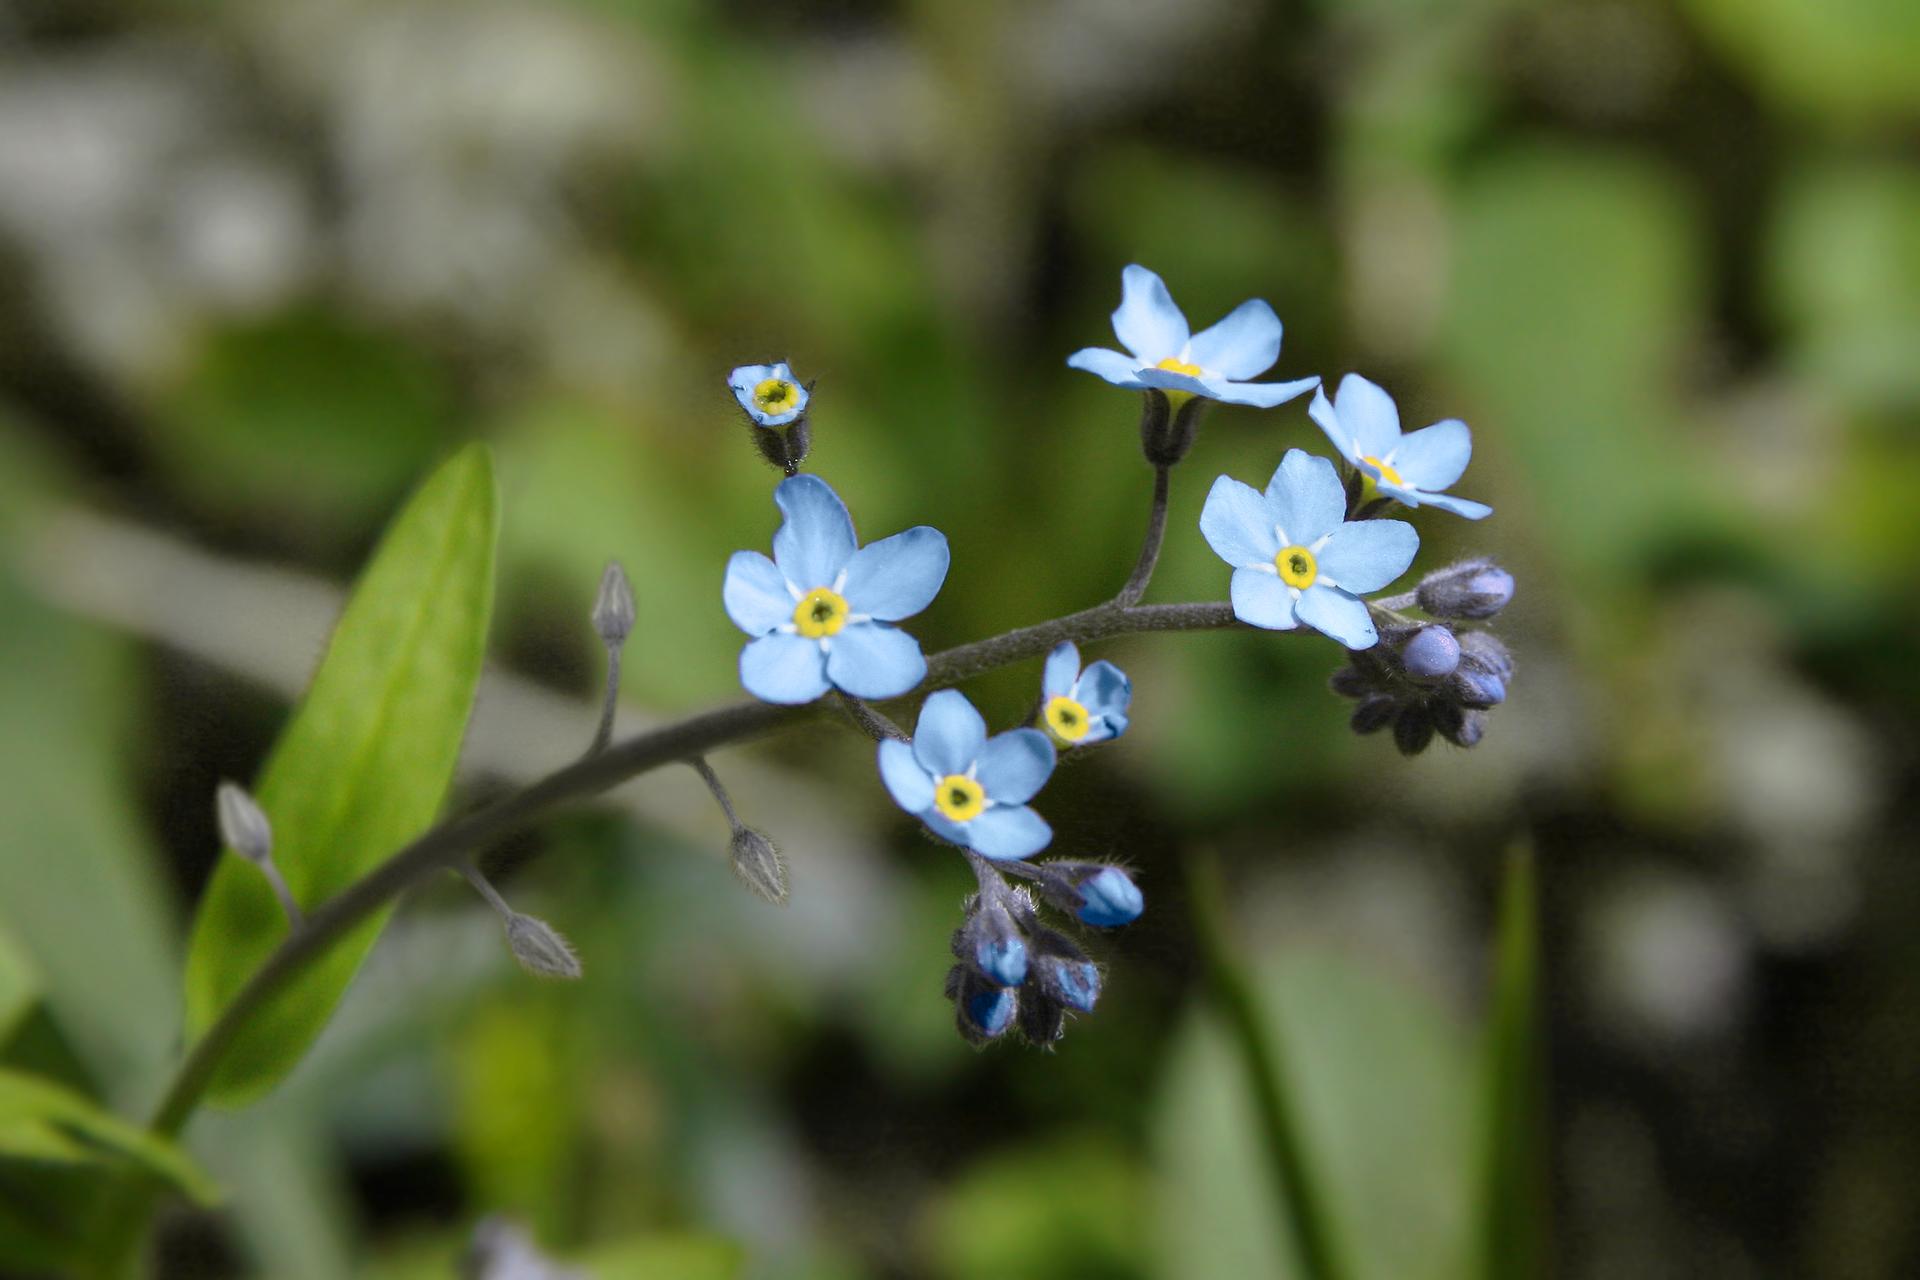 Fotografia przedstawia zbliżenie kilku błękitnych kwiatków na grubej, szarej łodyżce. To niezapominajka smukła. Wtle wąski jasnozielony listek.